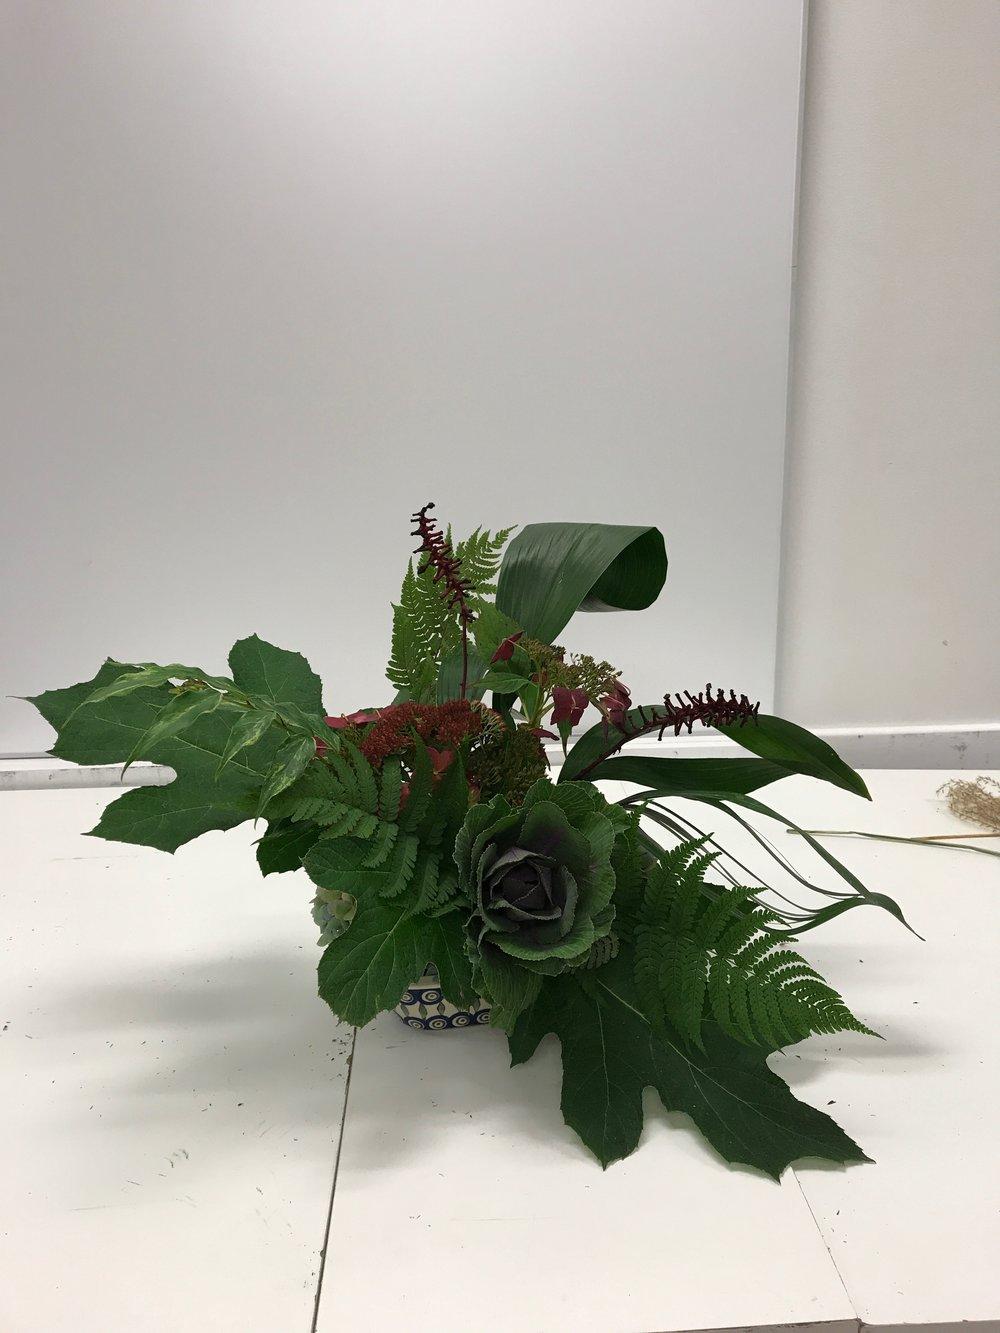 Floral workshop, 10-18-17over,  MA, October 18, 2017 - 1 of 16 (5).jpg